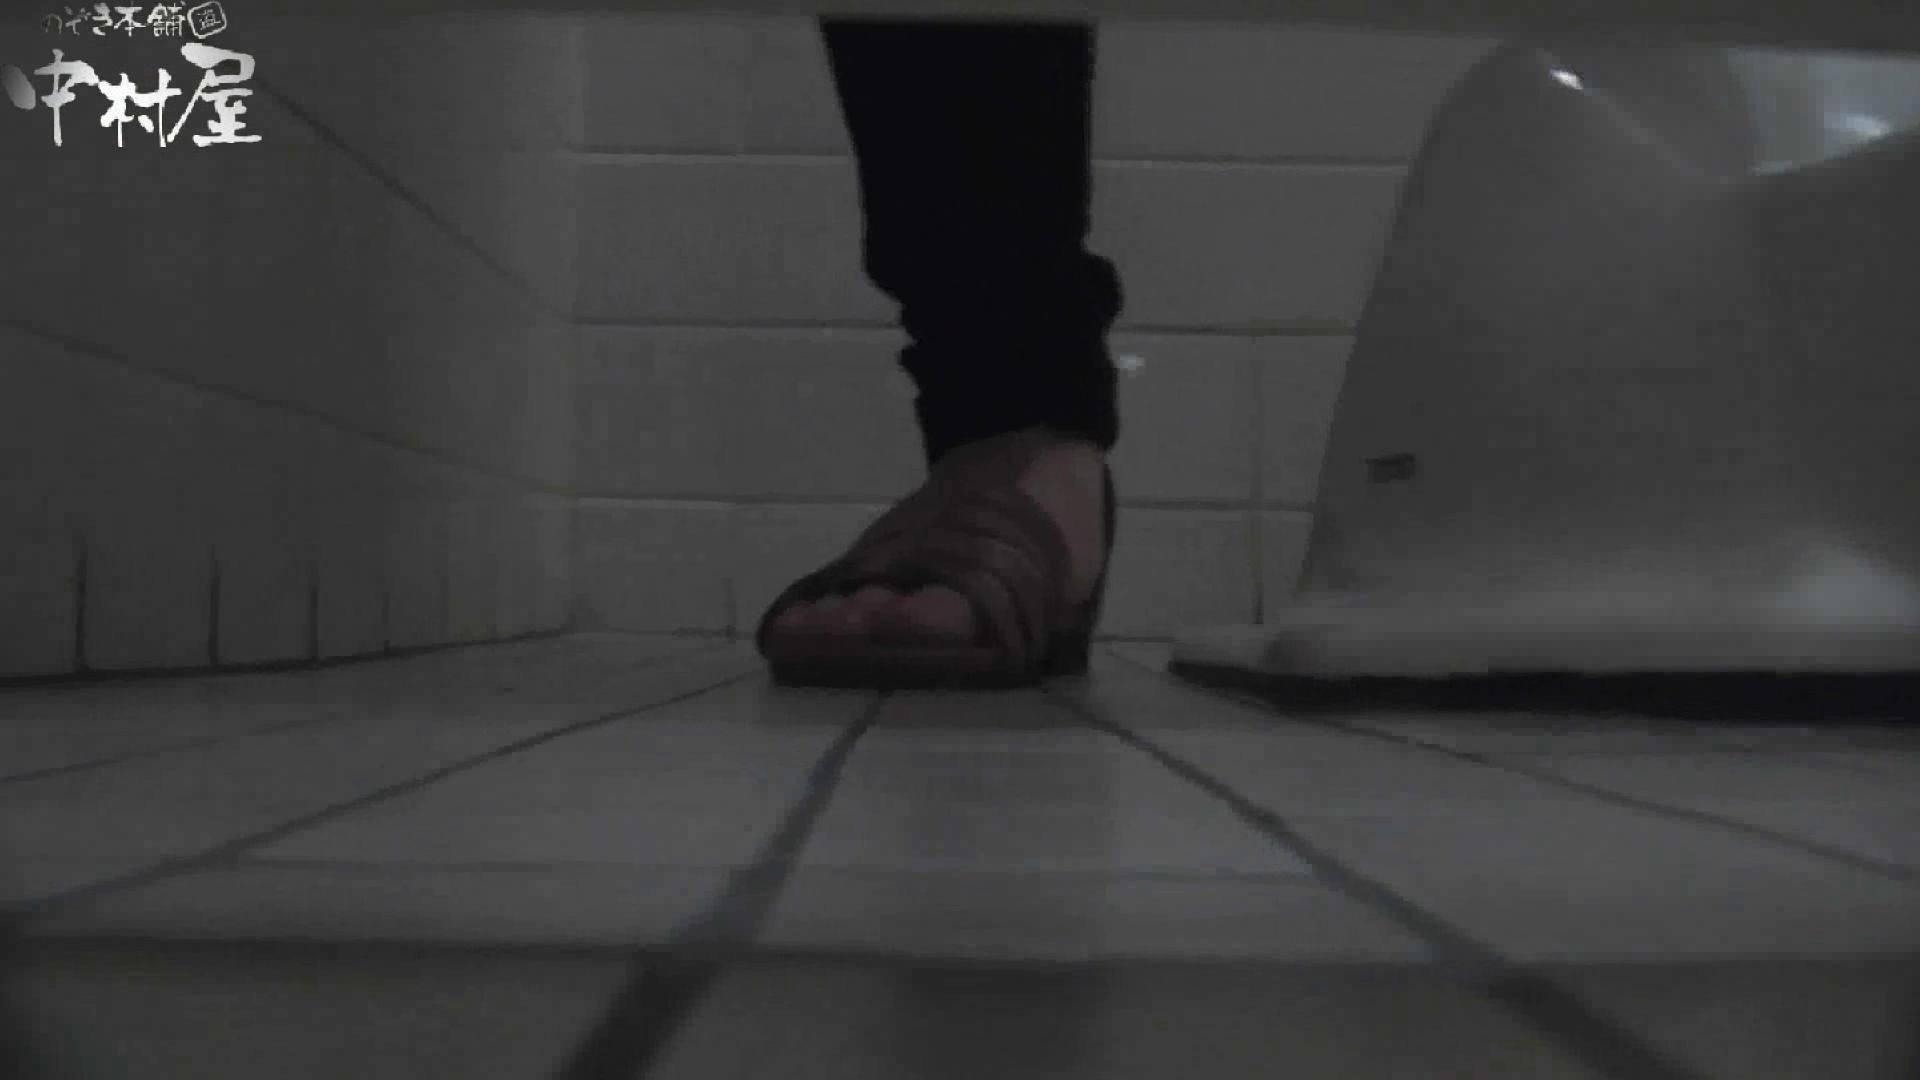 【お銀さんの「洗面所突入レポート!!」】お銀さんの「洗面所突入レポート!!」 vol.28小島陽菜似のピンクオシャレさん 洗面所  42連発 4